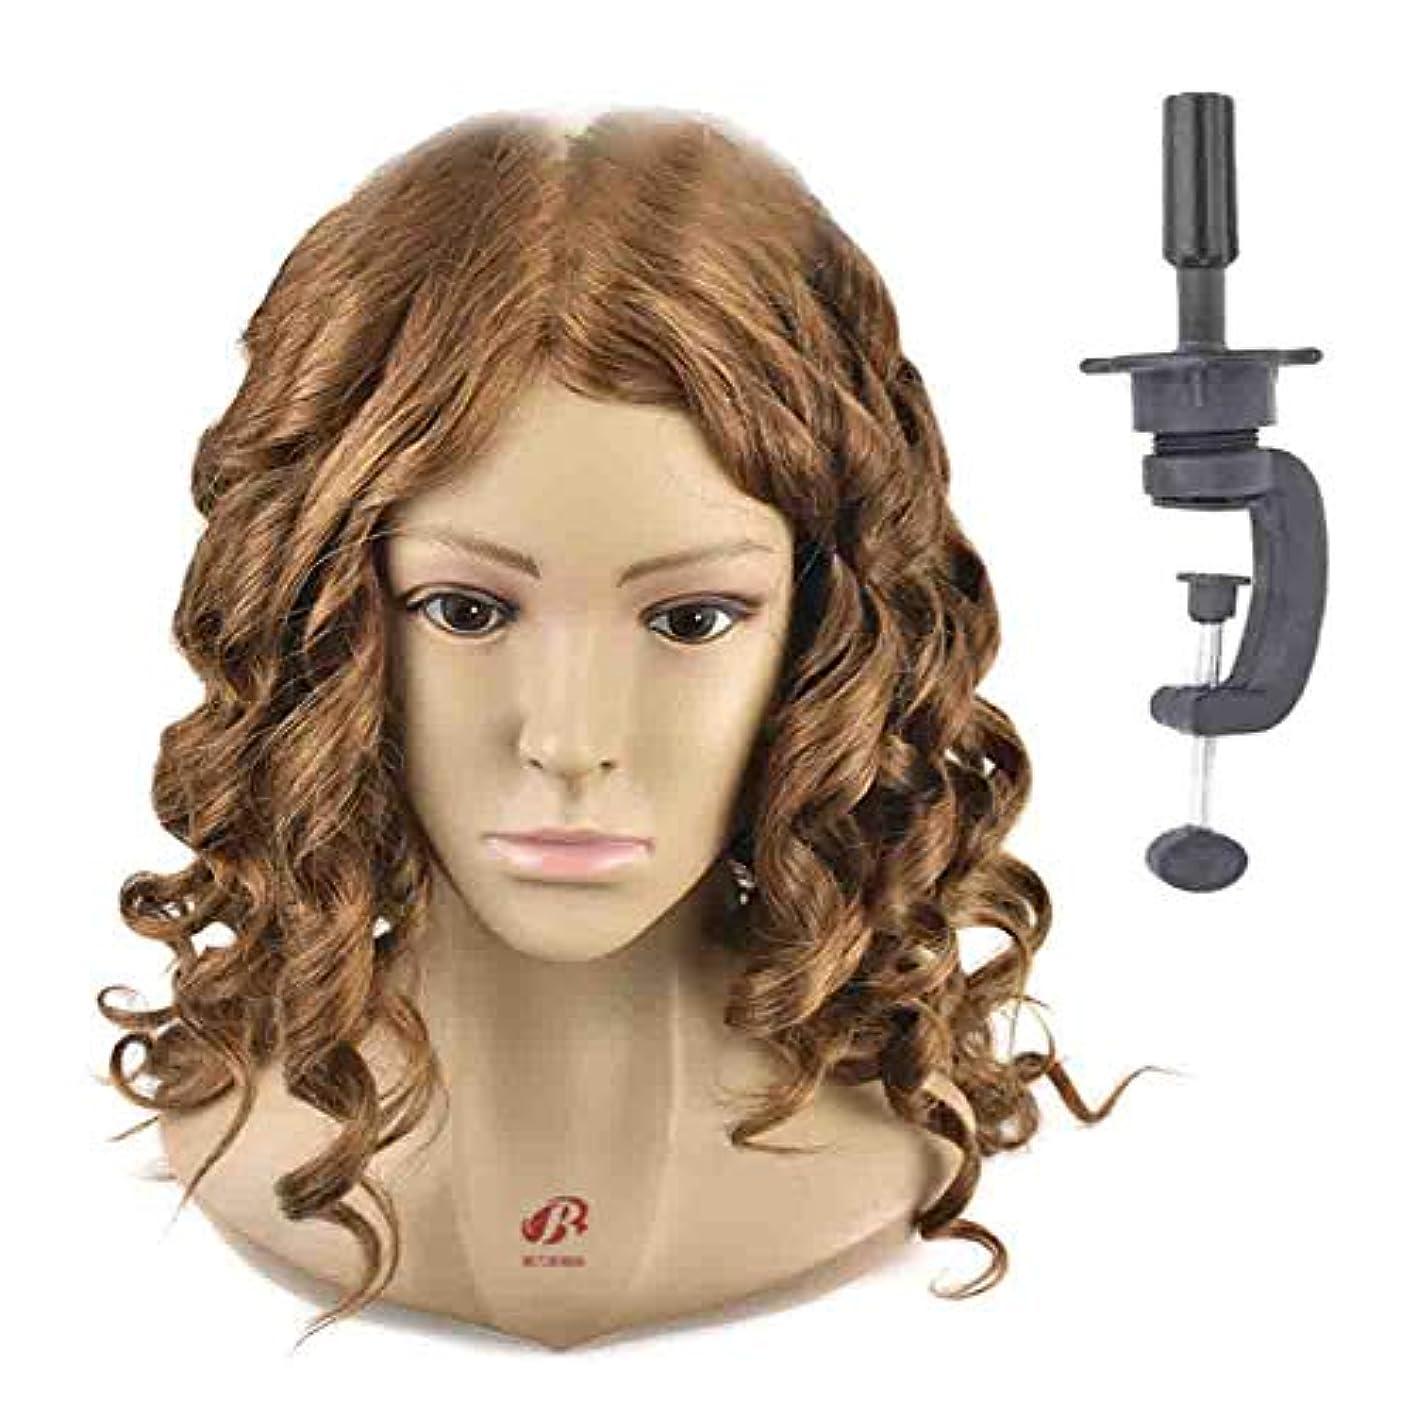 肌平方抜本的なヘアマネキンヘッド練習ディスク髪編組ヘッドモデル理髪店学校教育かつらヘッドバンドブラケット